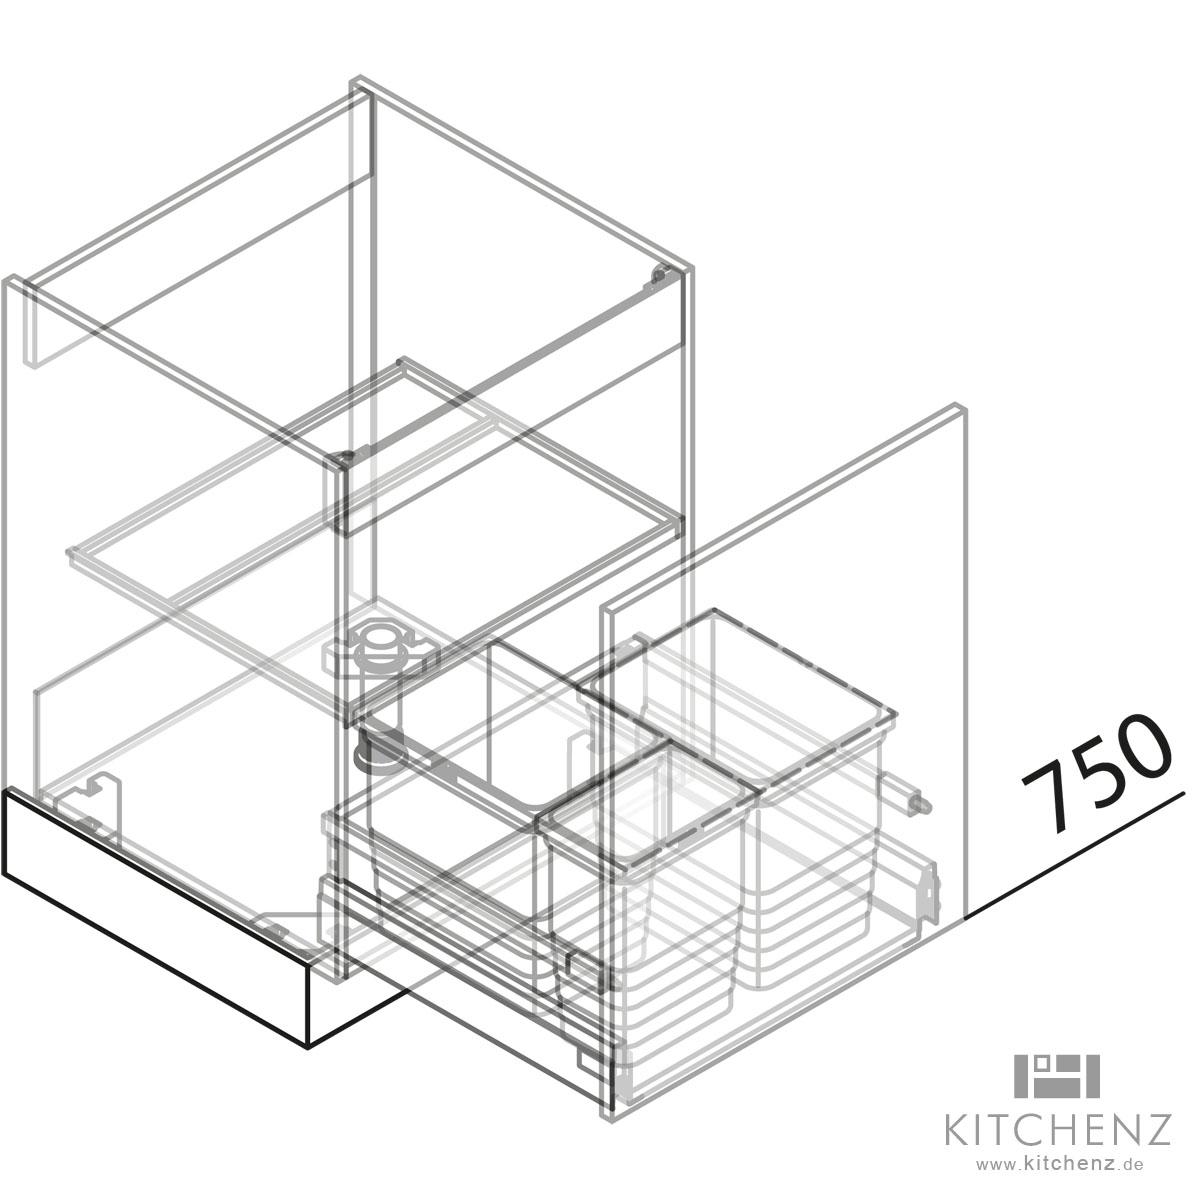 Full Size of Häcker Müllsystem Nolte Kchen Splenschrank Mit Abfall Sabd50 Online Kaufen Küche Wohnzimmer Häcker Müllsystem